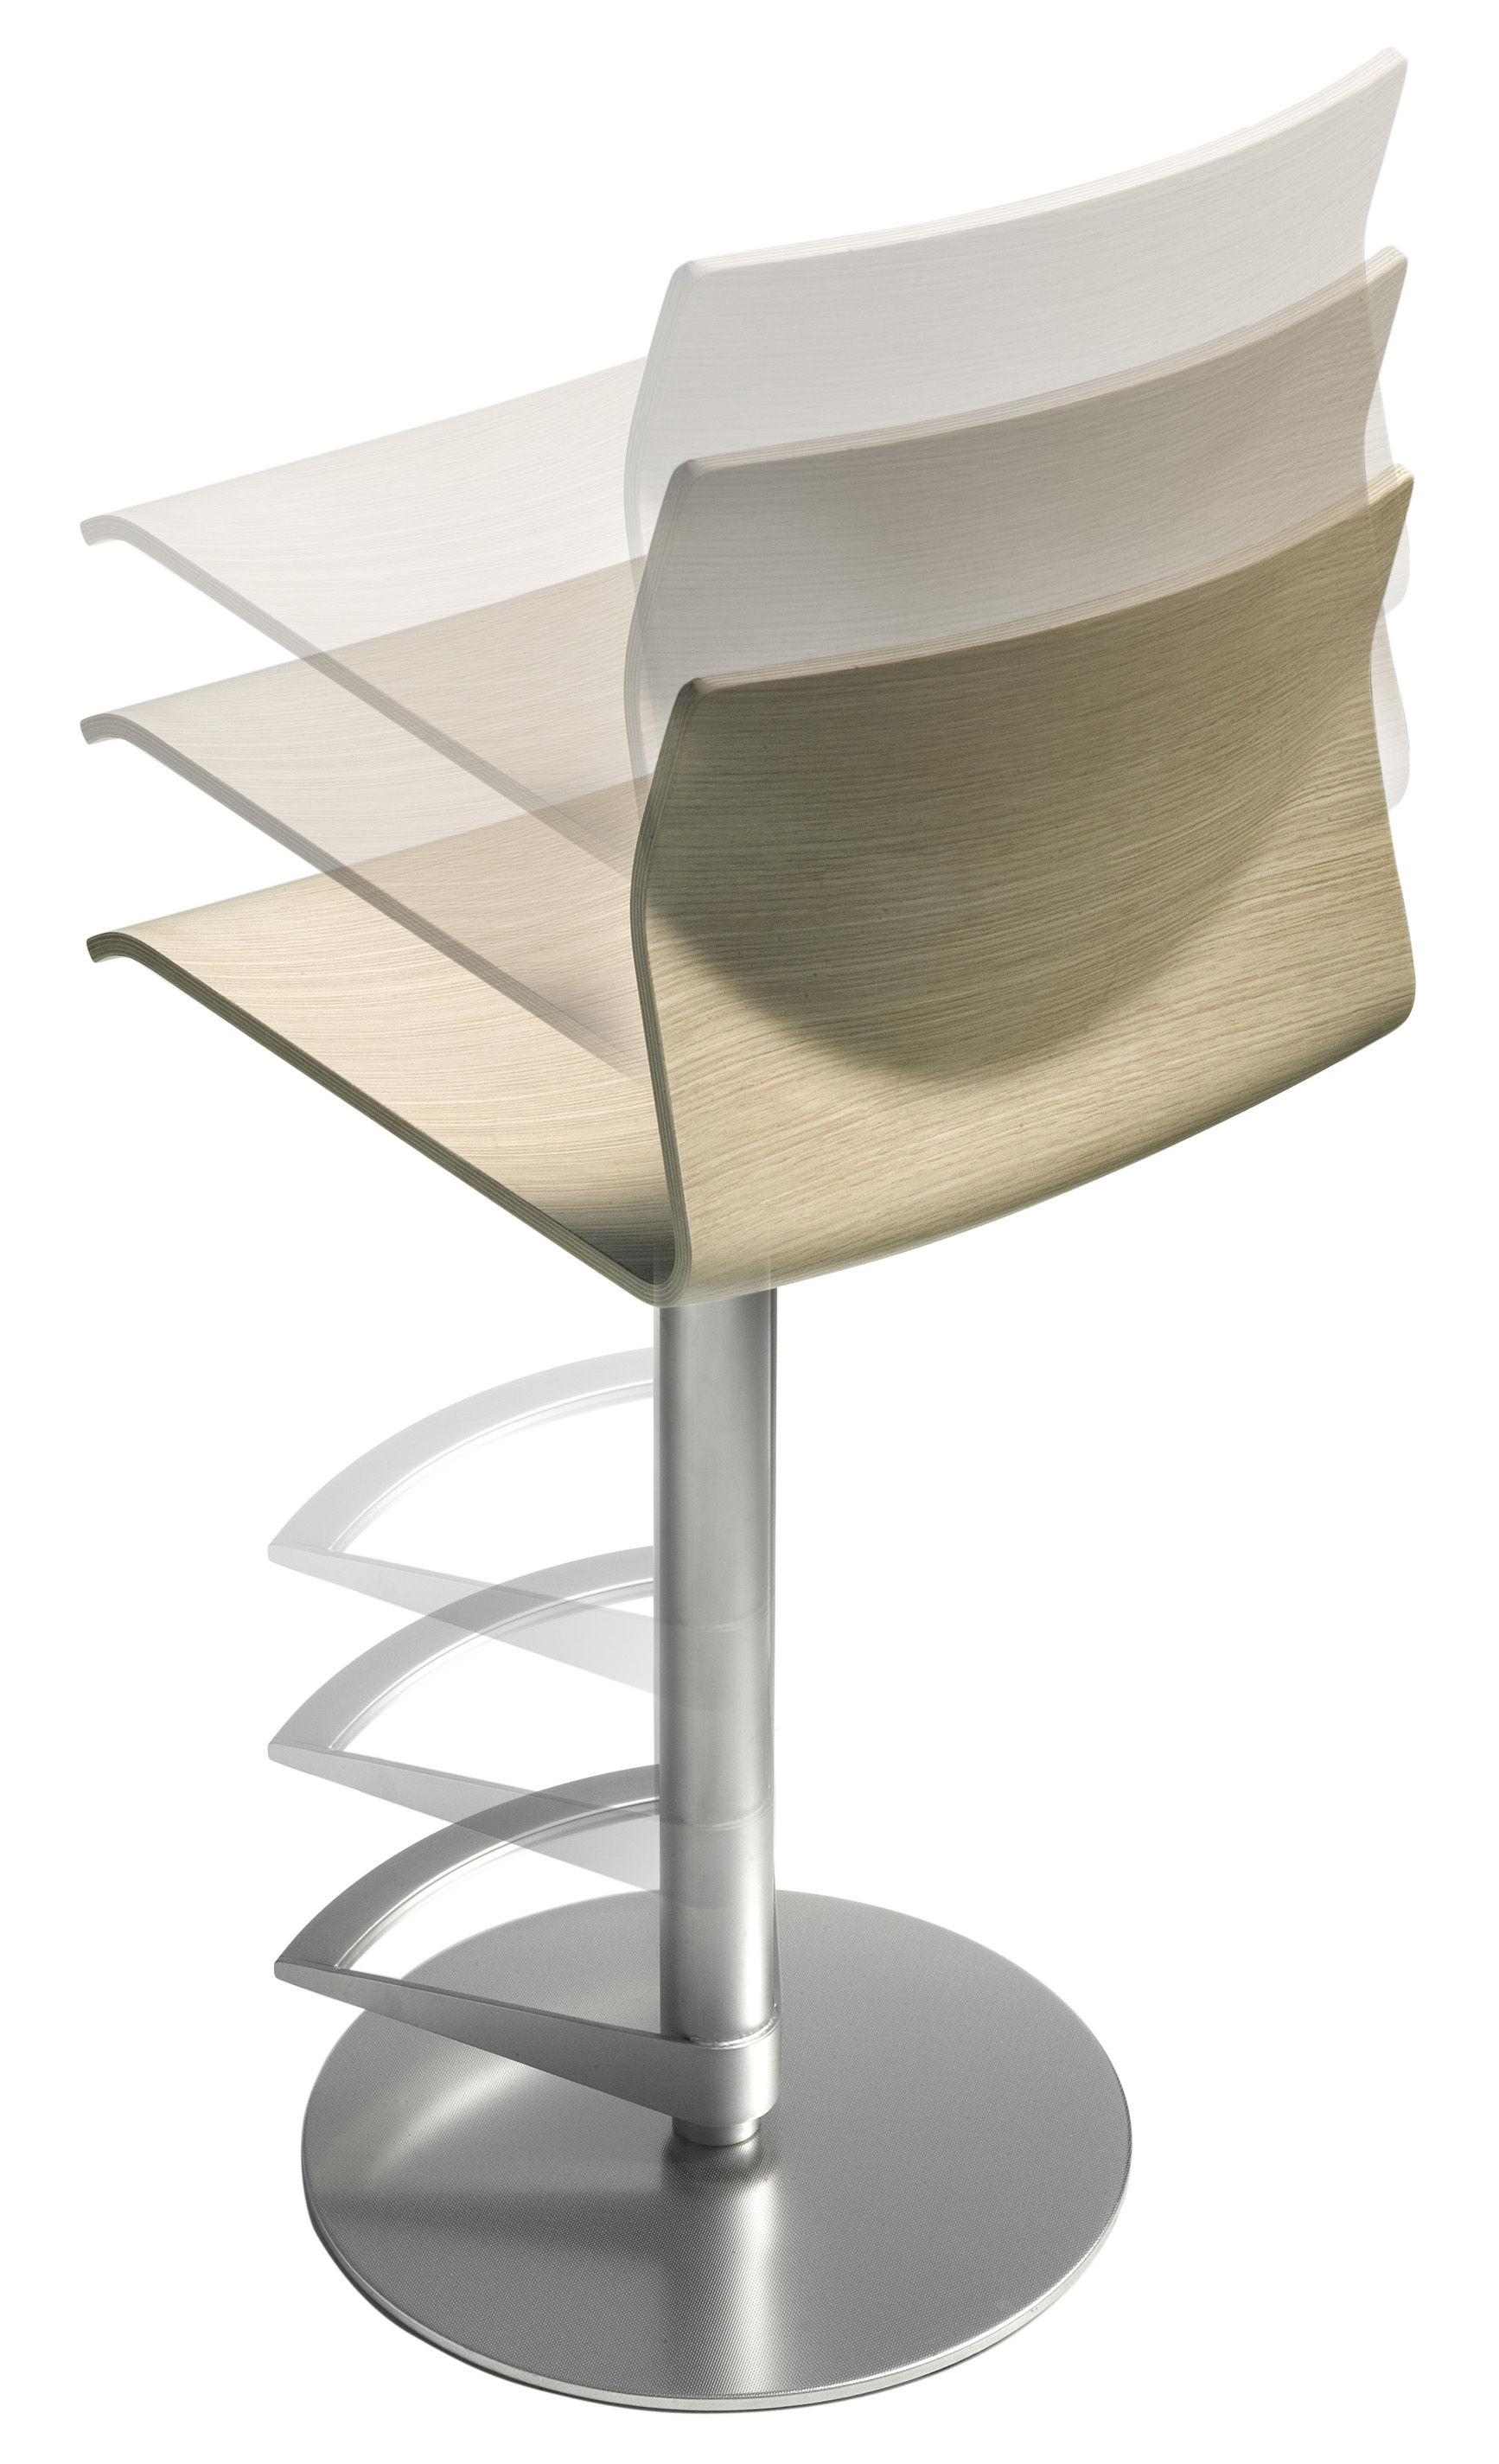 tabouret haut r glable kai assise bois pivotante weng lapalma. Black Bedroom Furniture Sets. Home Design Ideas